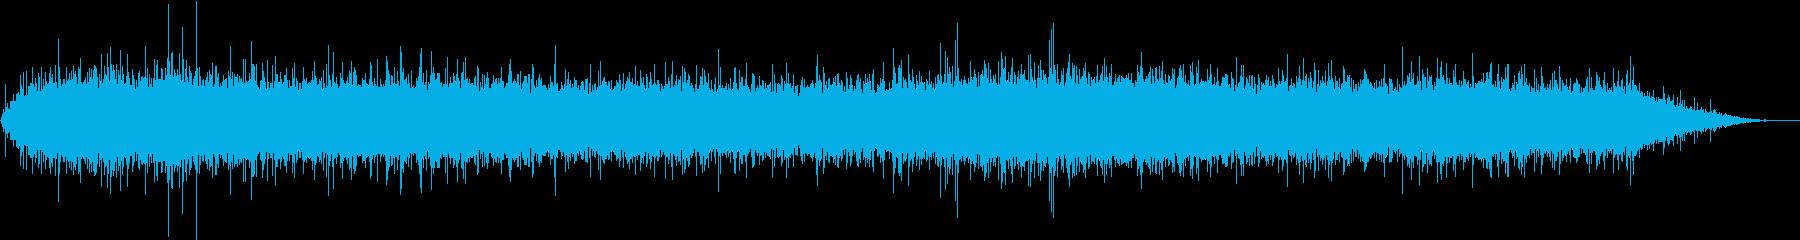 拍手 01の再生済みの波形